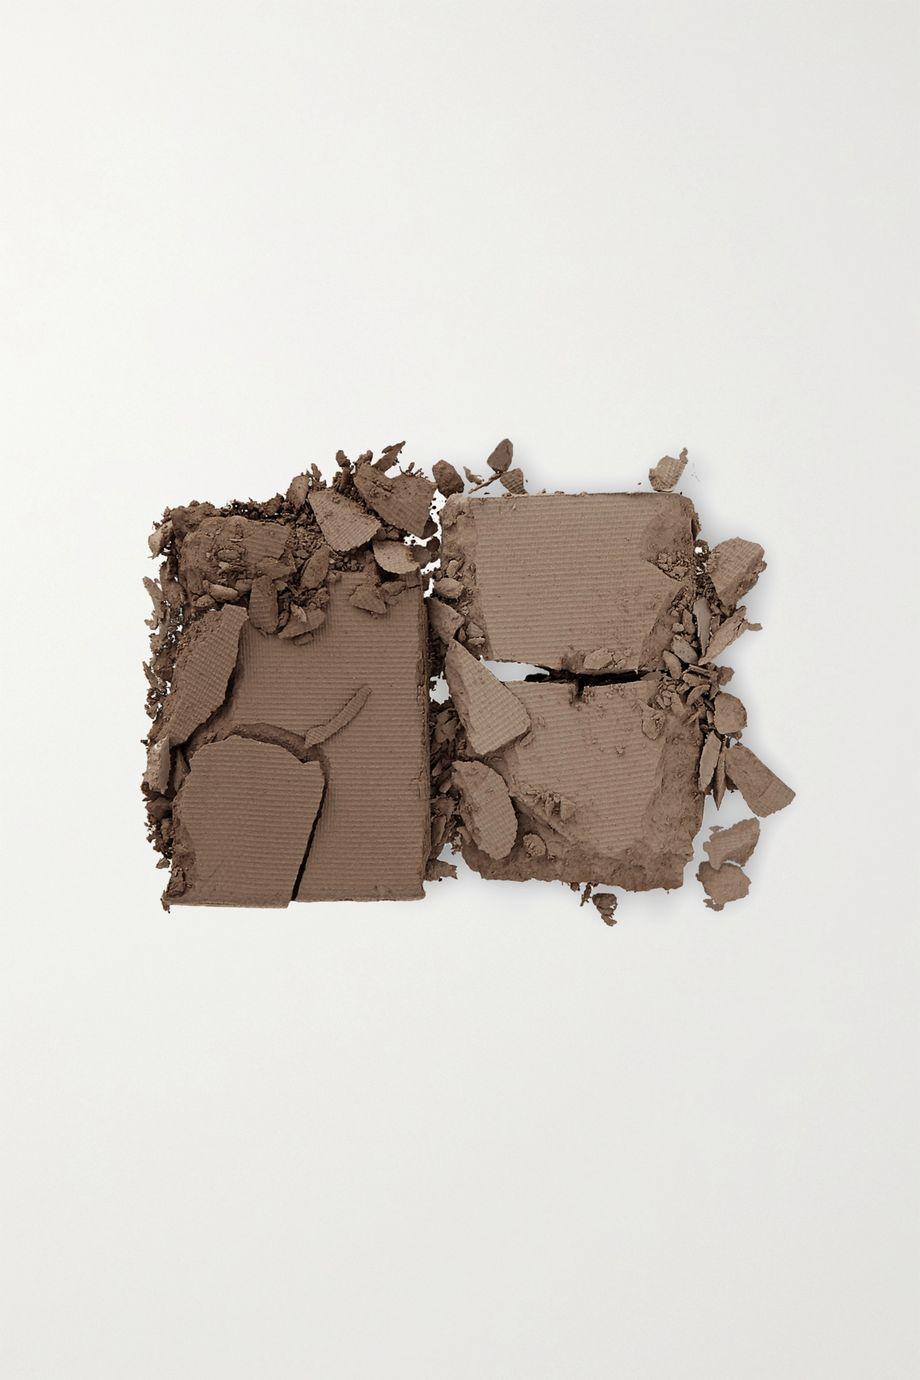 AMY JEAN Brows Duo de poudres pour les sourcils Brow Velvet, 01